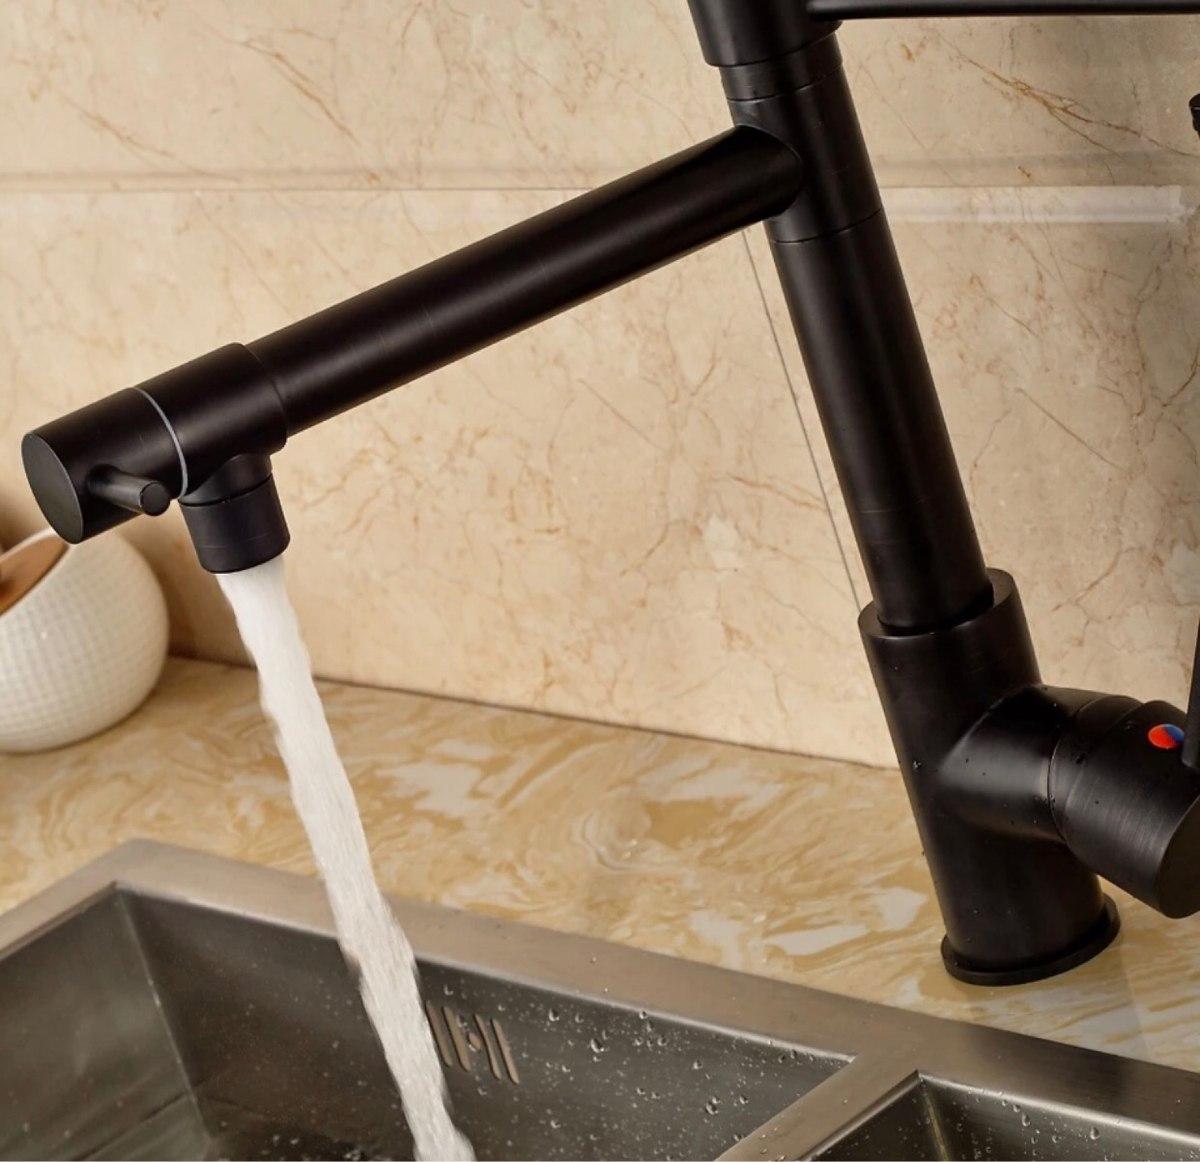 Llave monomando mezcladora grifo cocina en negro r0 106 for Marcas de grifos de cocina